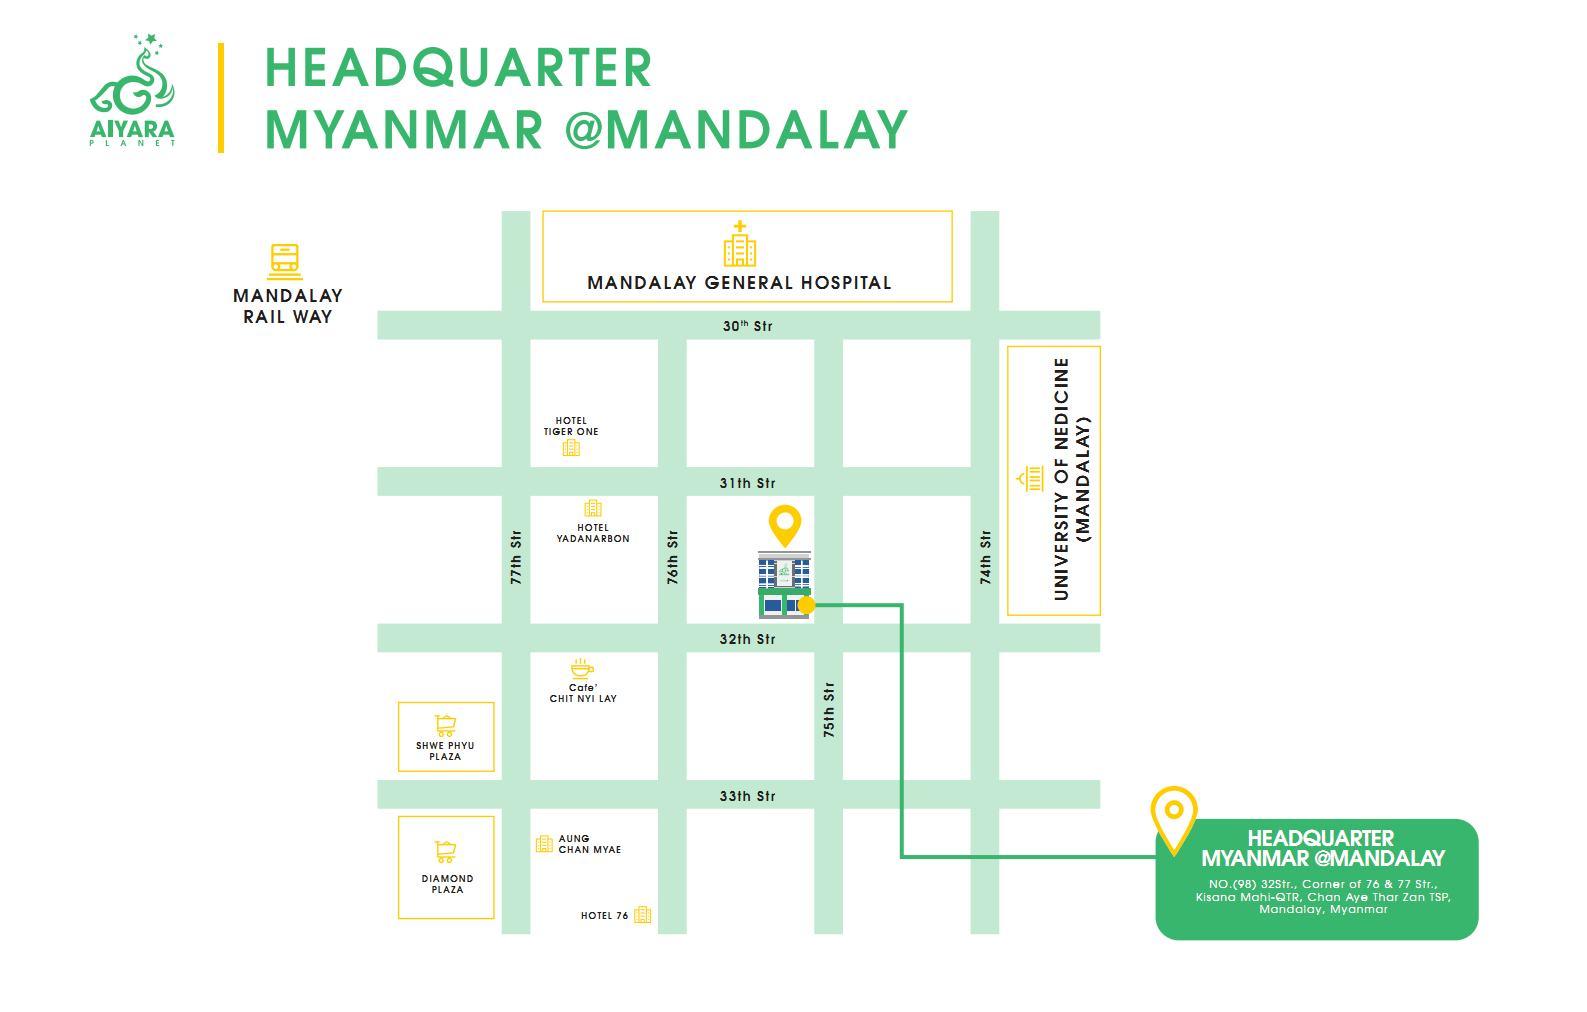 HQ MANDALAY, MYANMAR